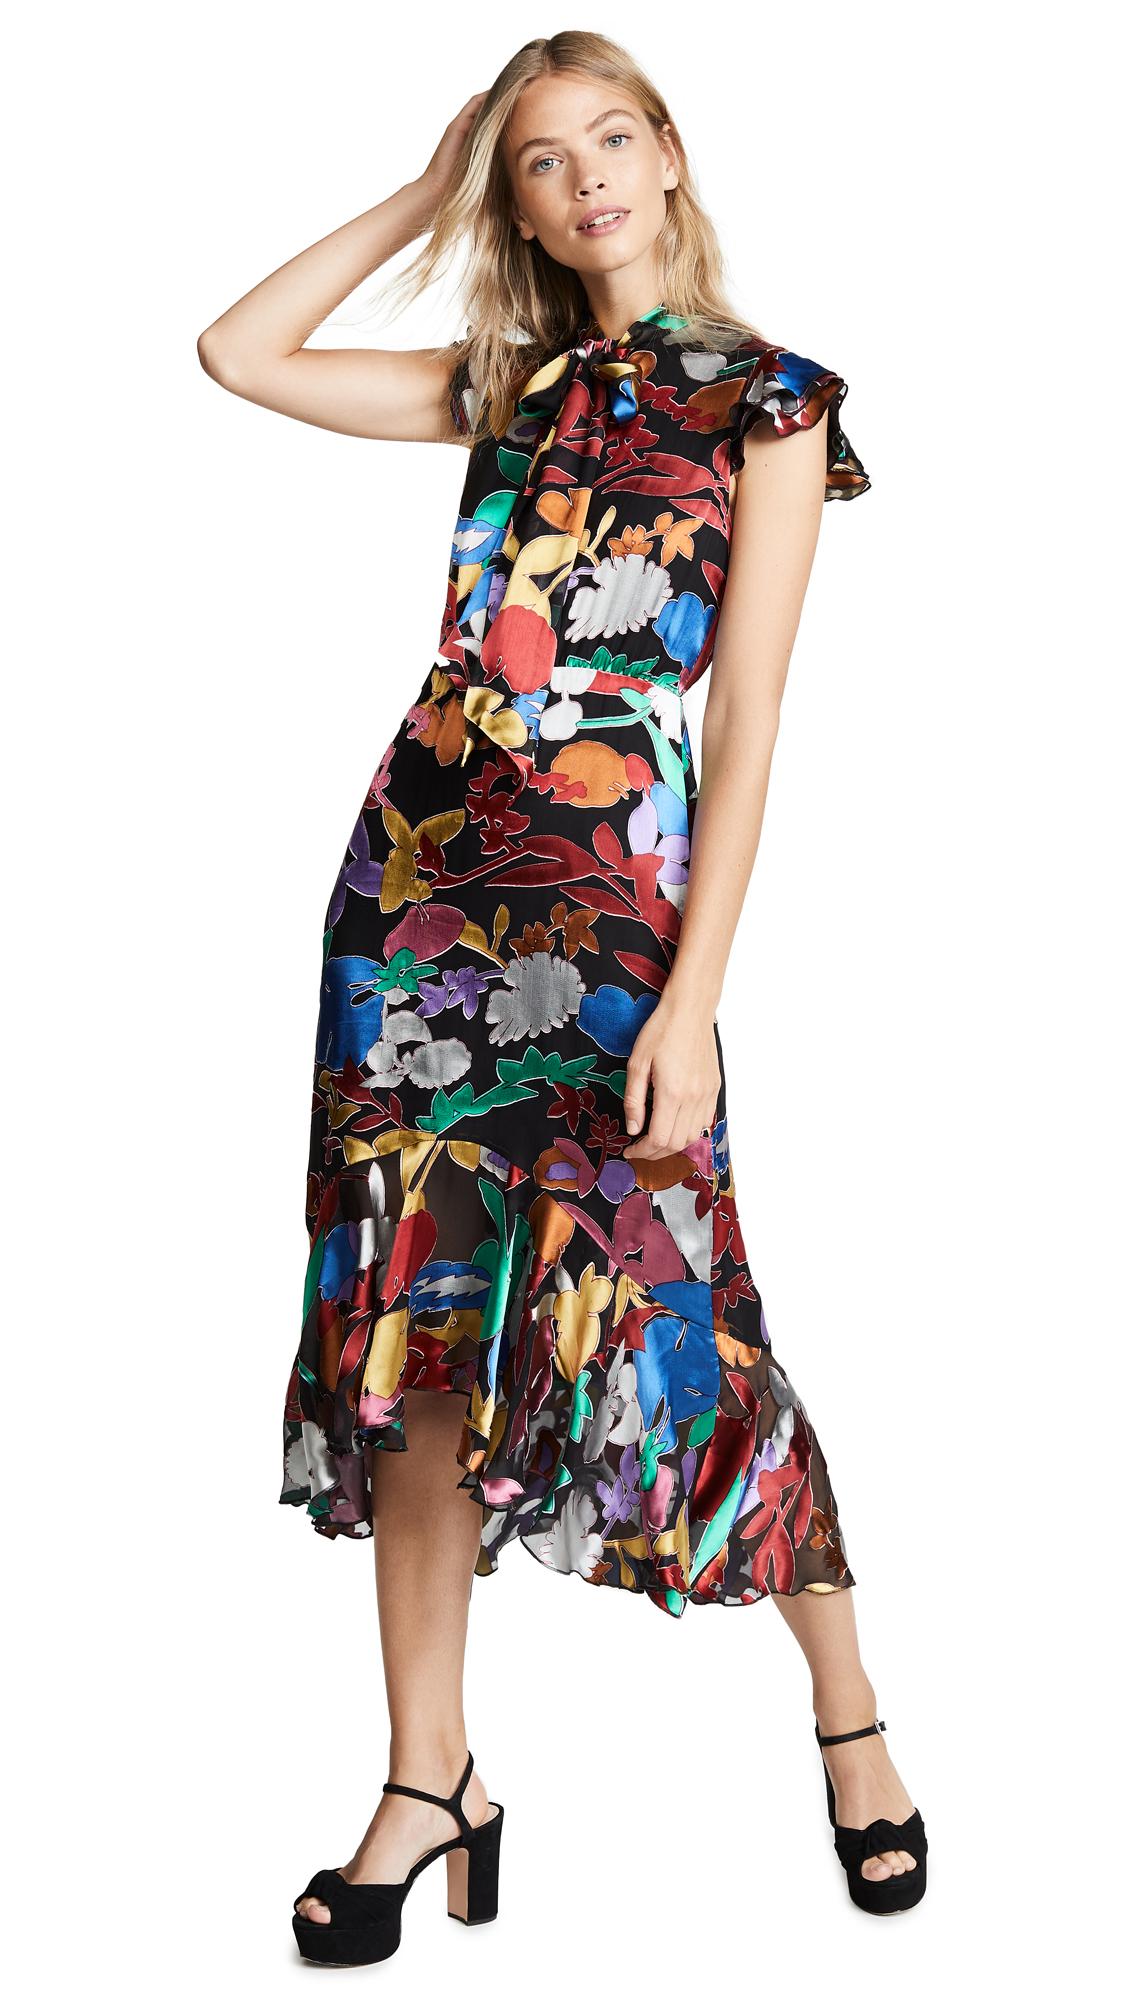 f7e6d13f10e65 Alice + Olivia Online | Designer Sales at Coshio Shop